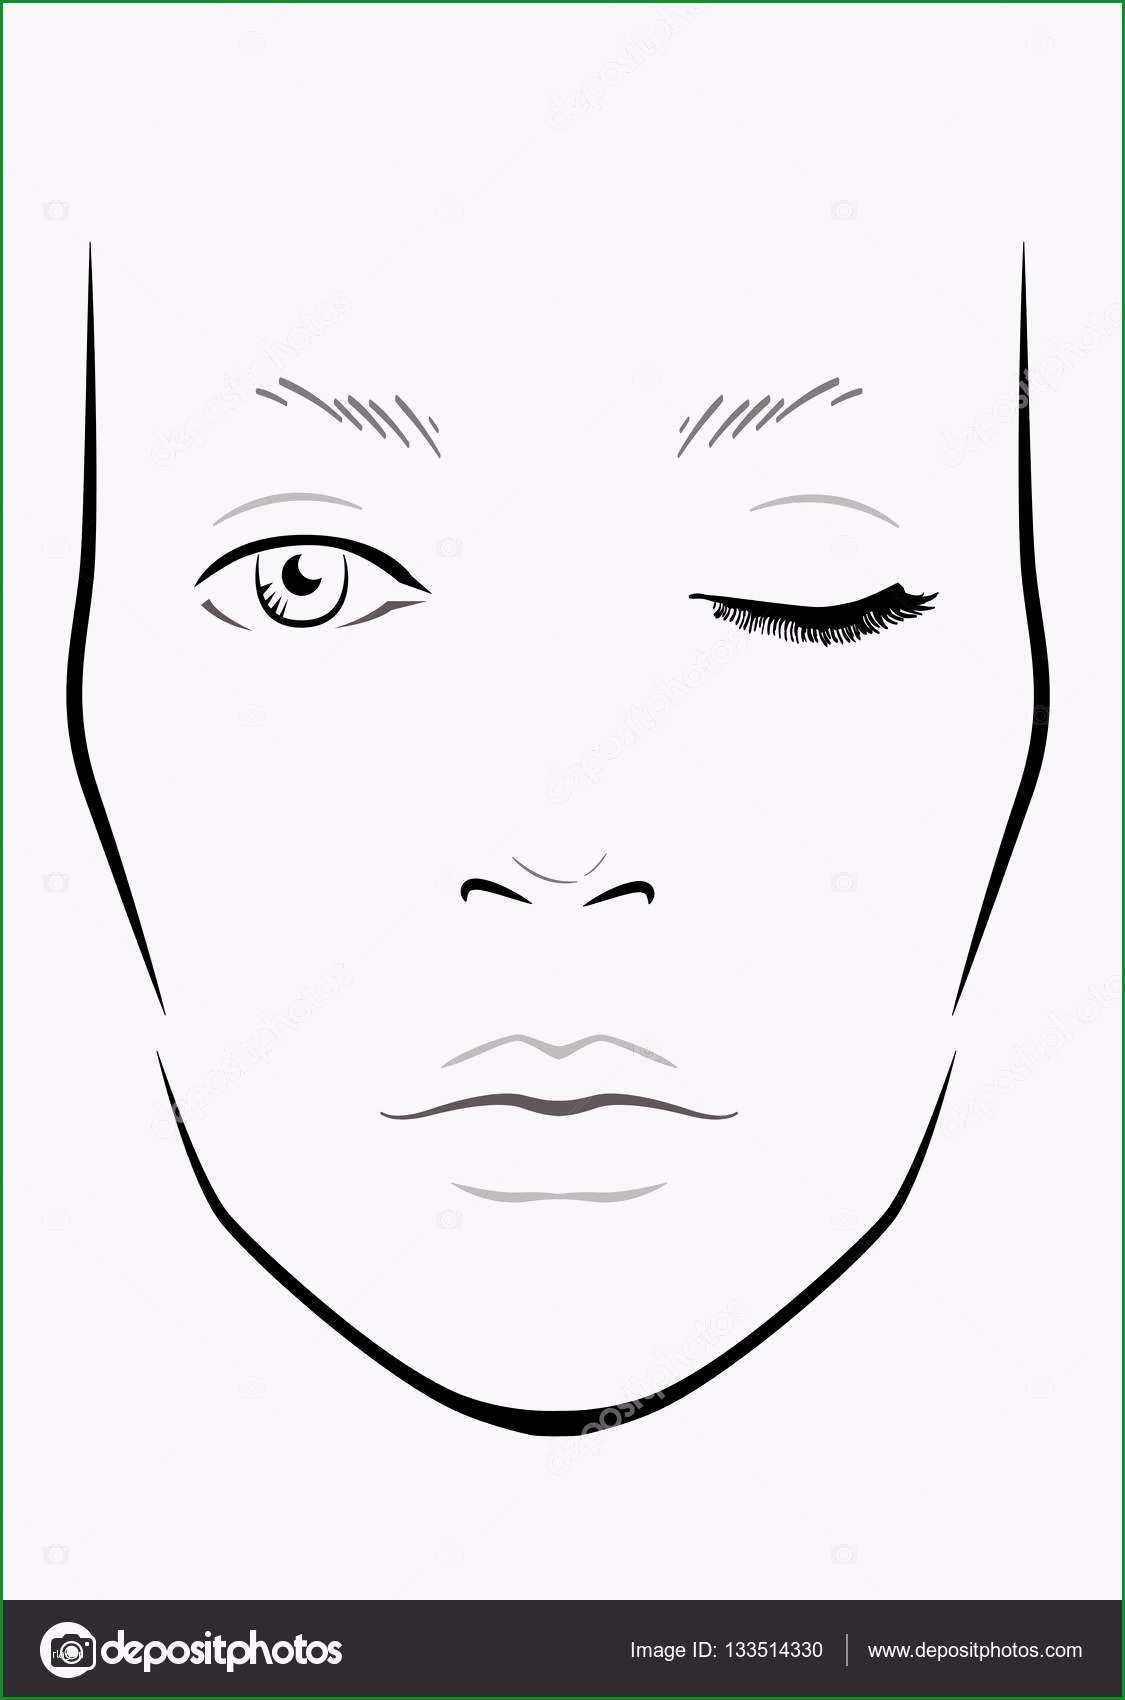 Einzahl Gesicht Diagramm Make Up Artist Leer Vorlage Vektor